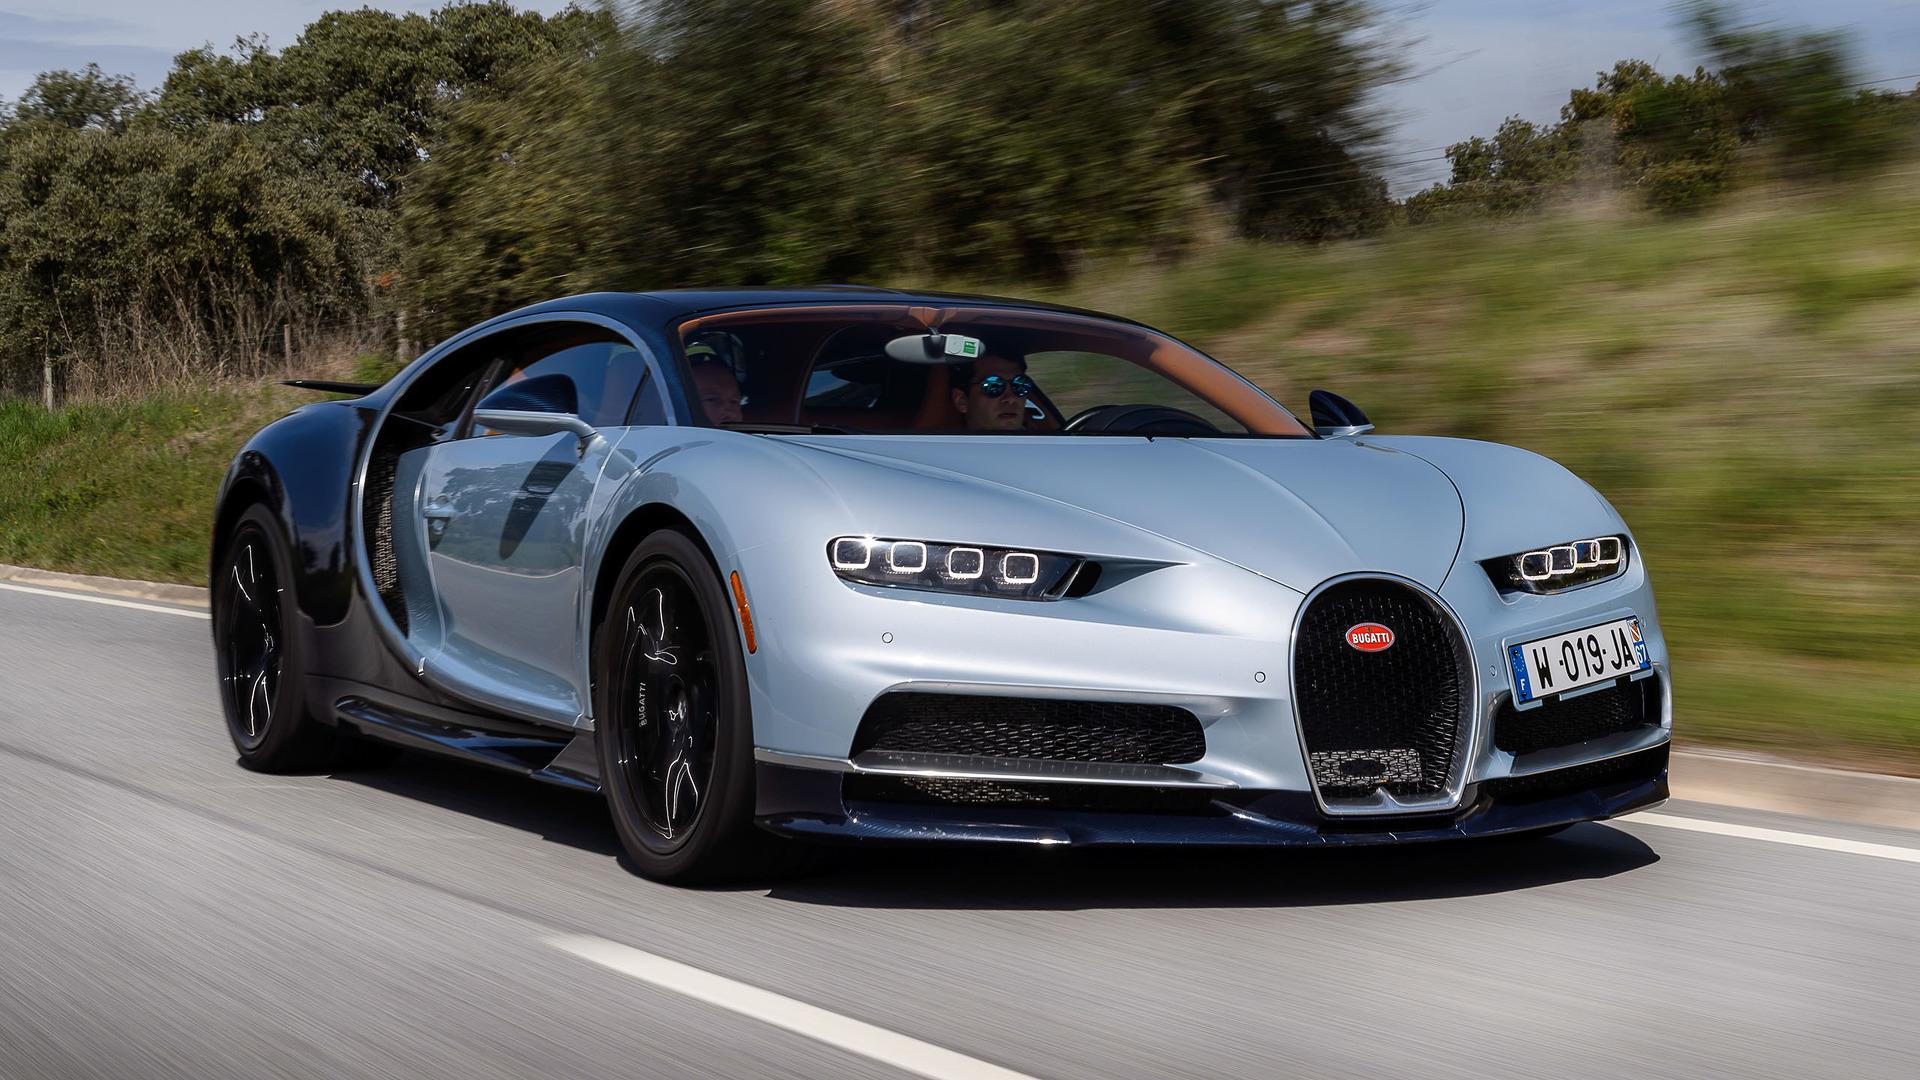 Bugatti Chiron 2017 El Rey De La Velocidad A Prueba